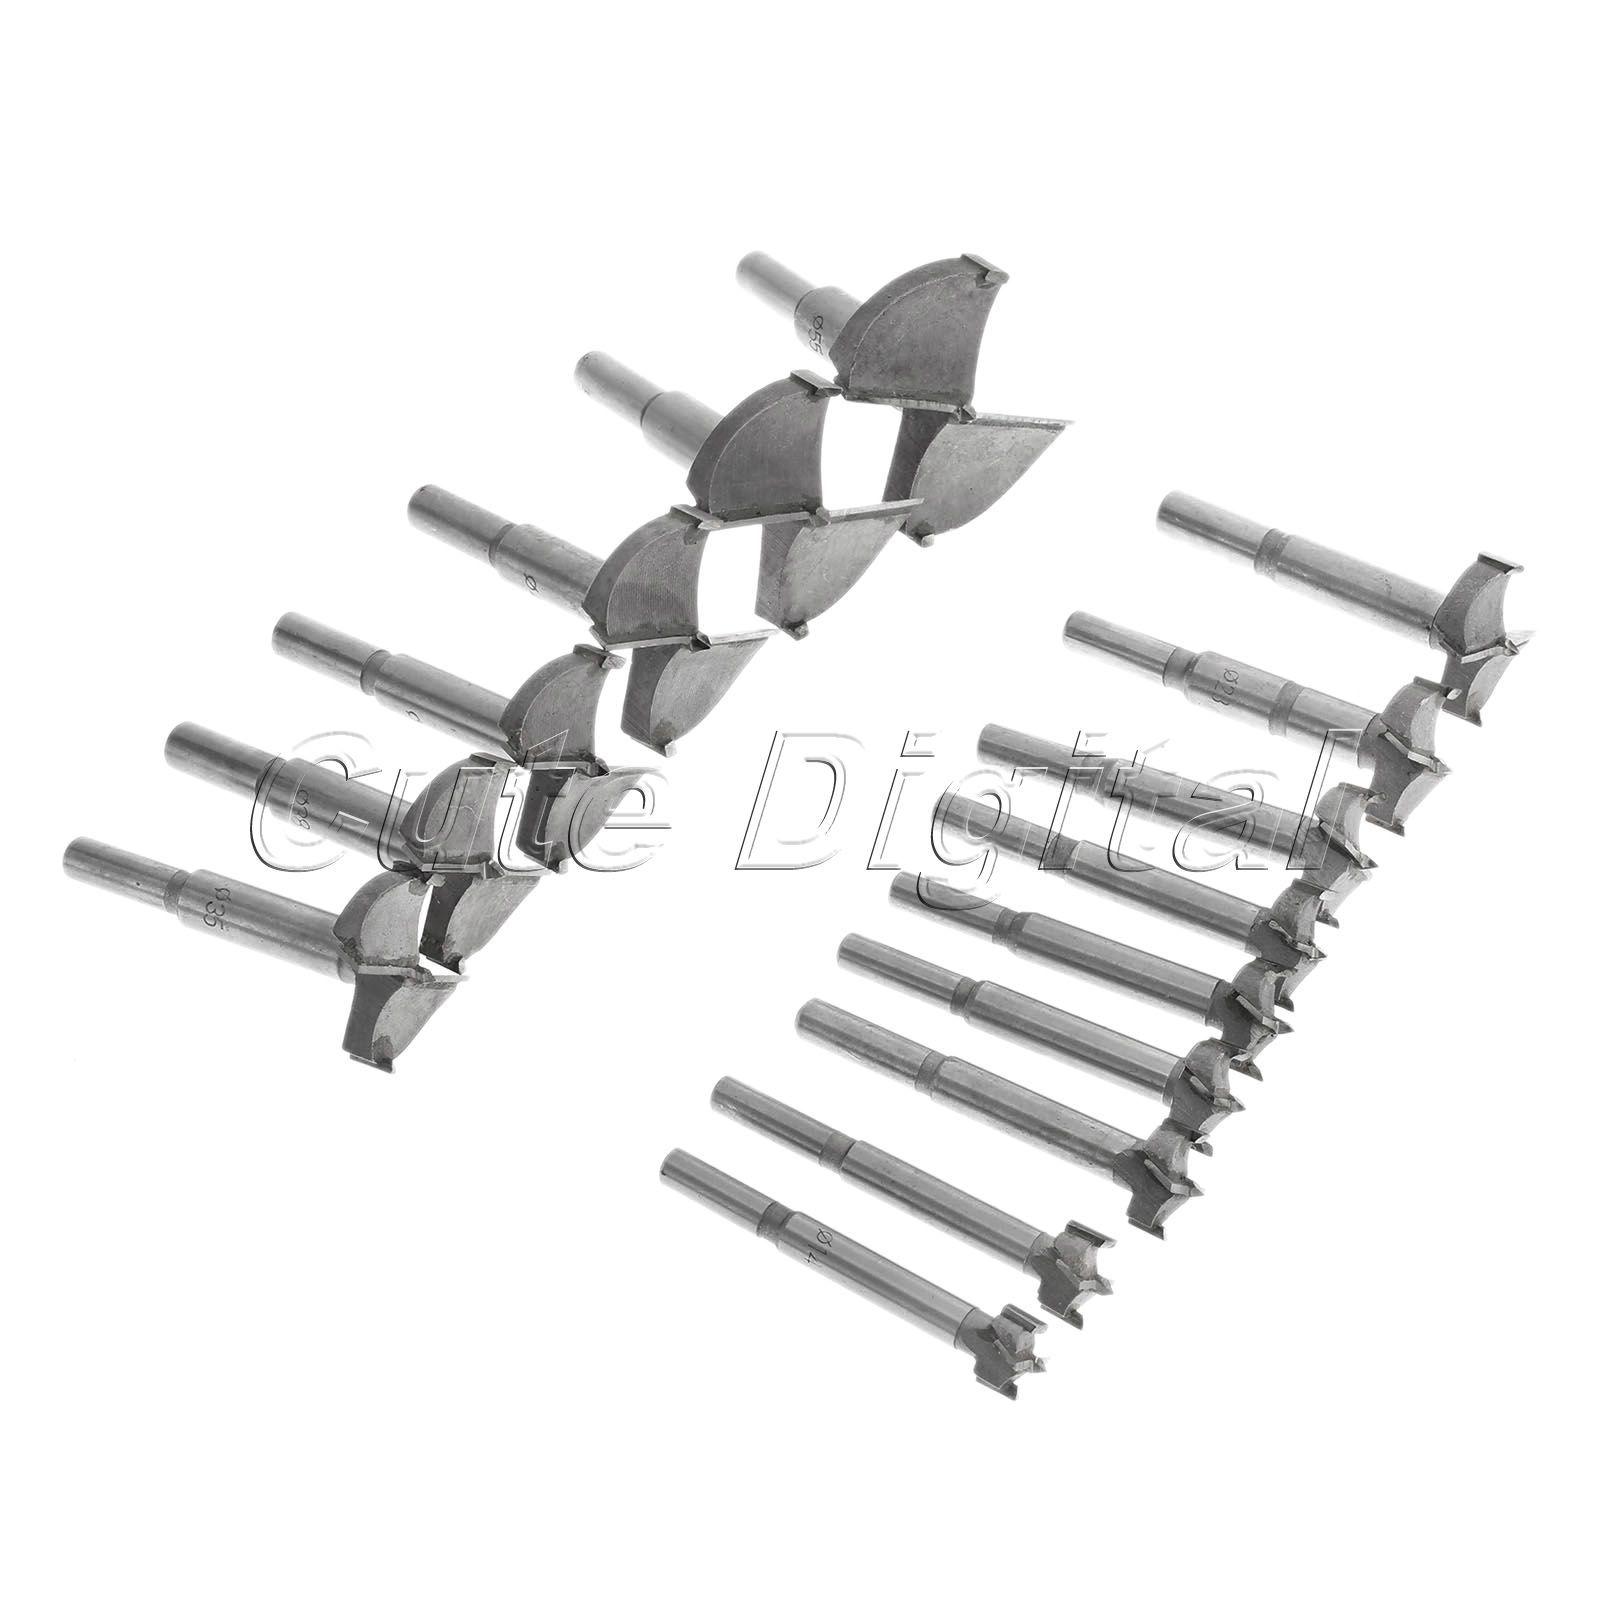 1ピース木工ツール16 22ミリメートル木材ドリルヒンジフォスナードリルドリルビットhss超硬金属ホールソーカッター機器ツール 画像あり ホールソー ルソー 金属